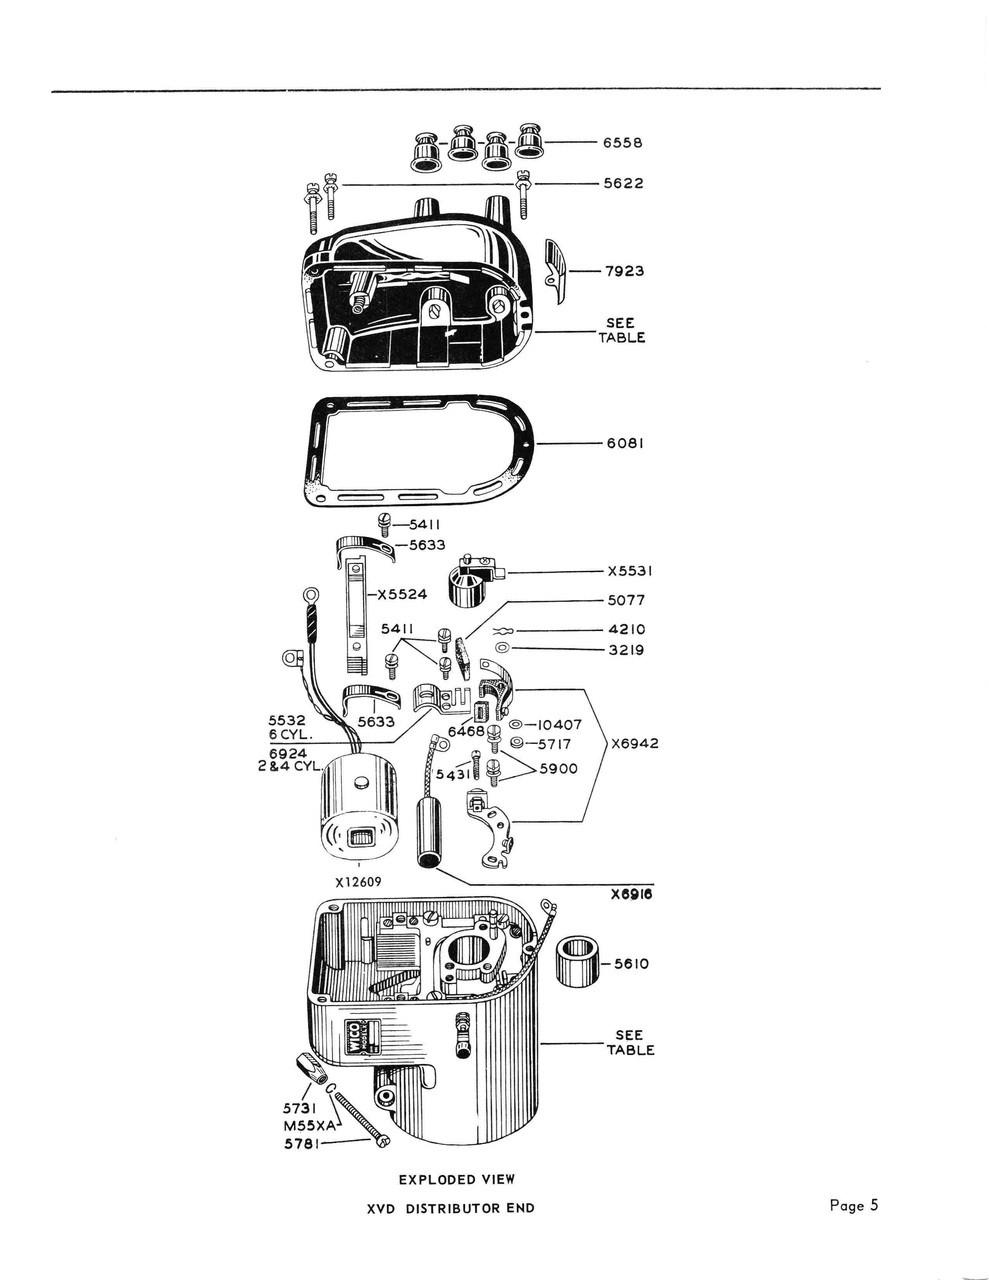 Wico Magneto Diagram - Wiring Diagram Overview series-boyfriend -  series-boyfriend.nuovaresinmontaggi.it | Wico Magneto Wiring Schematic |  | diagram database